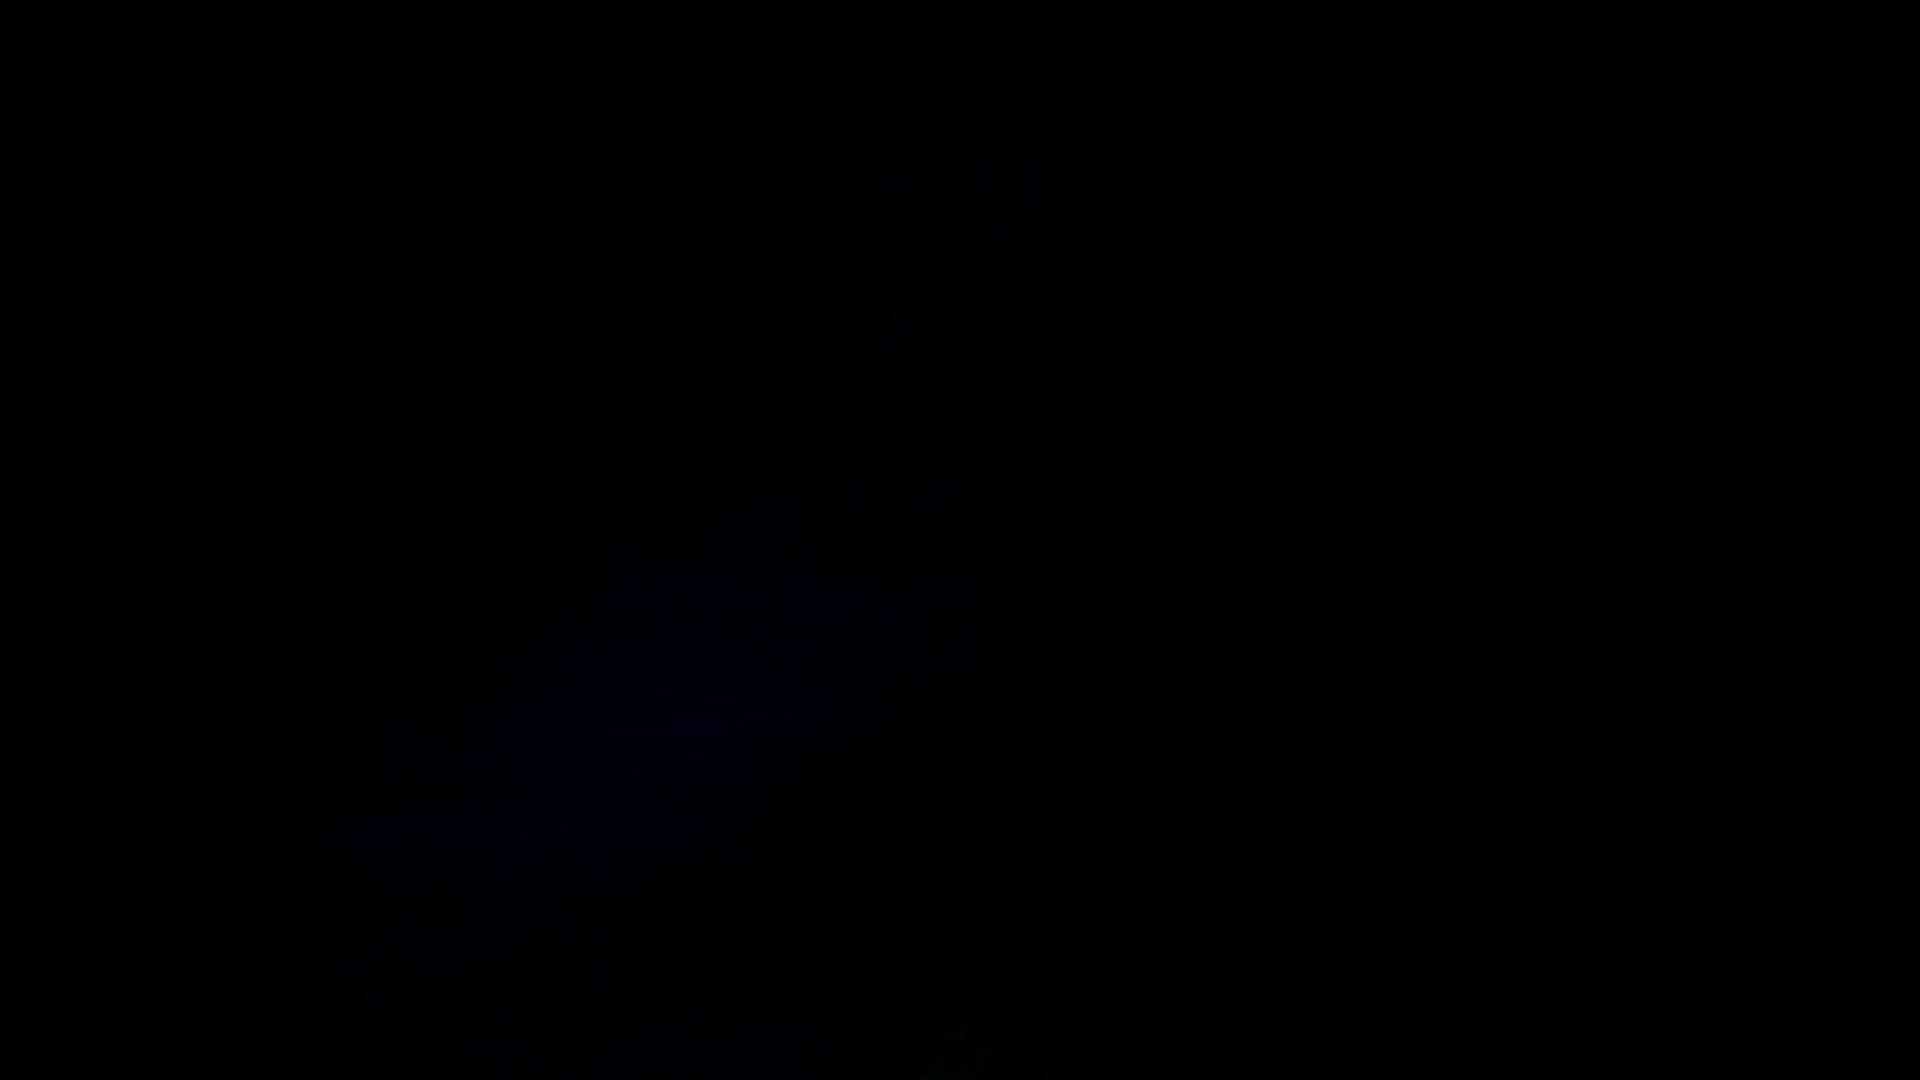 潜入!!韓国秘密のトイレ!Vol.05 潜入報告  95画像 48